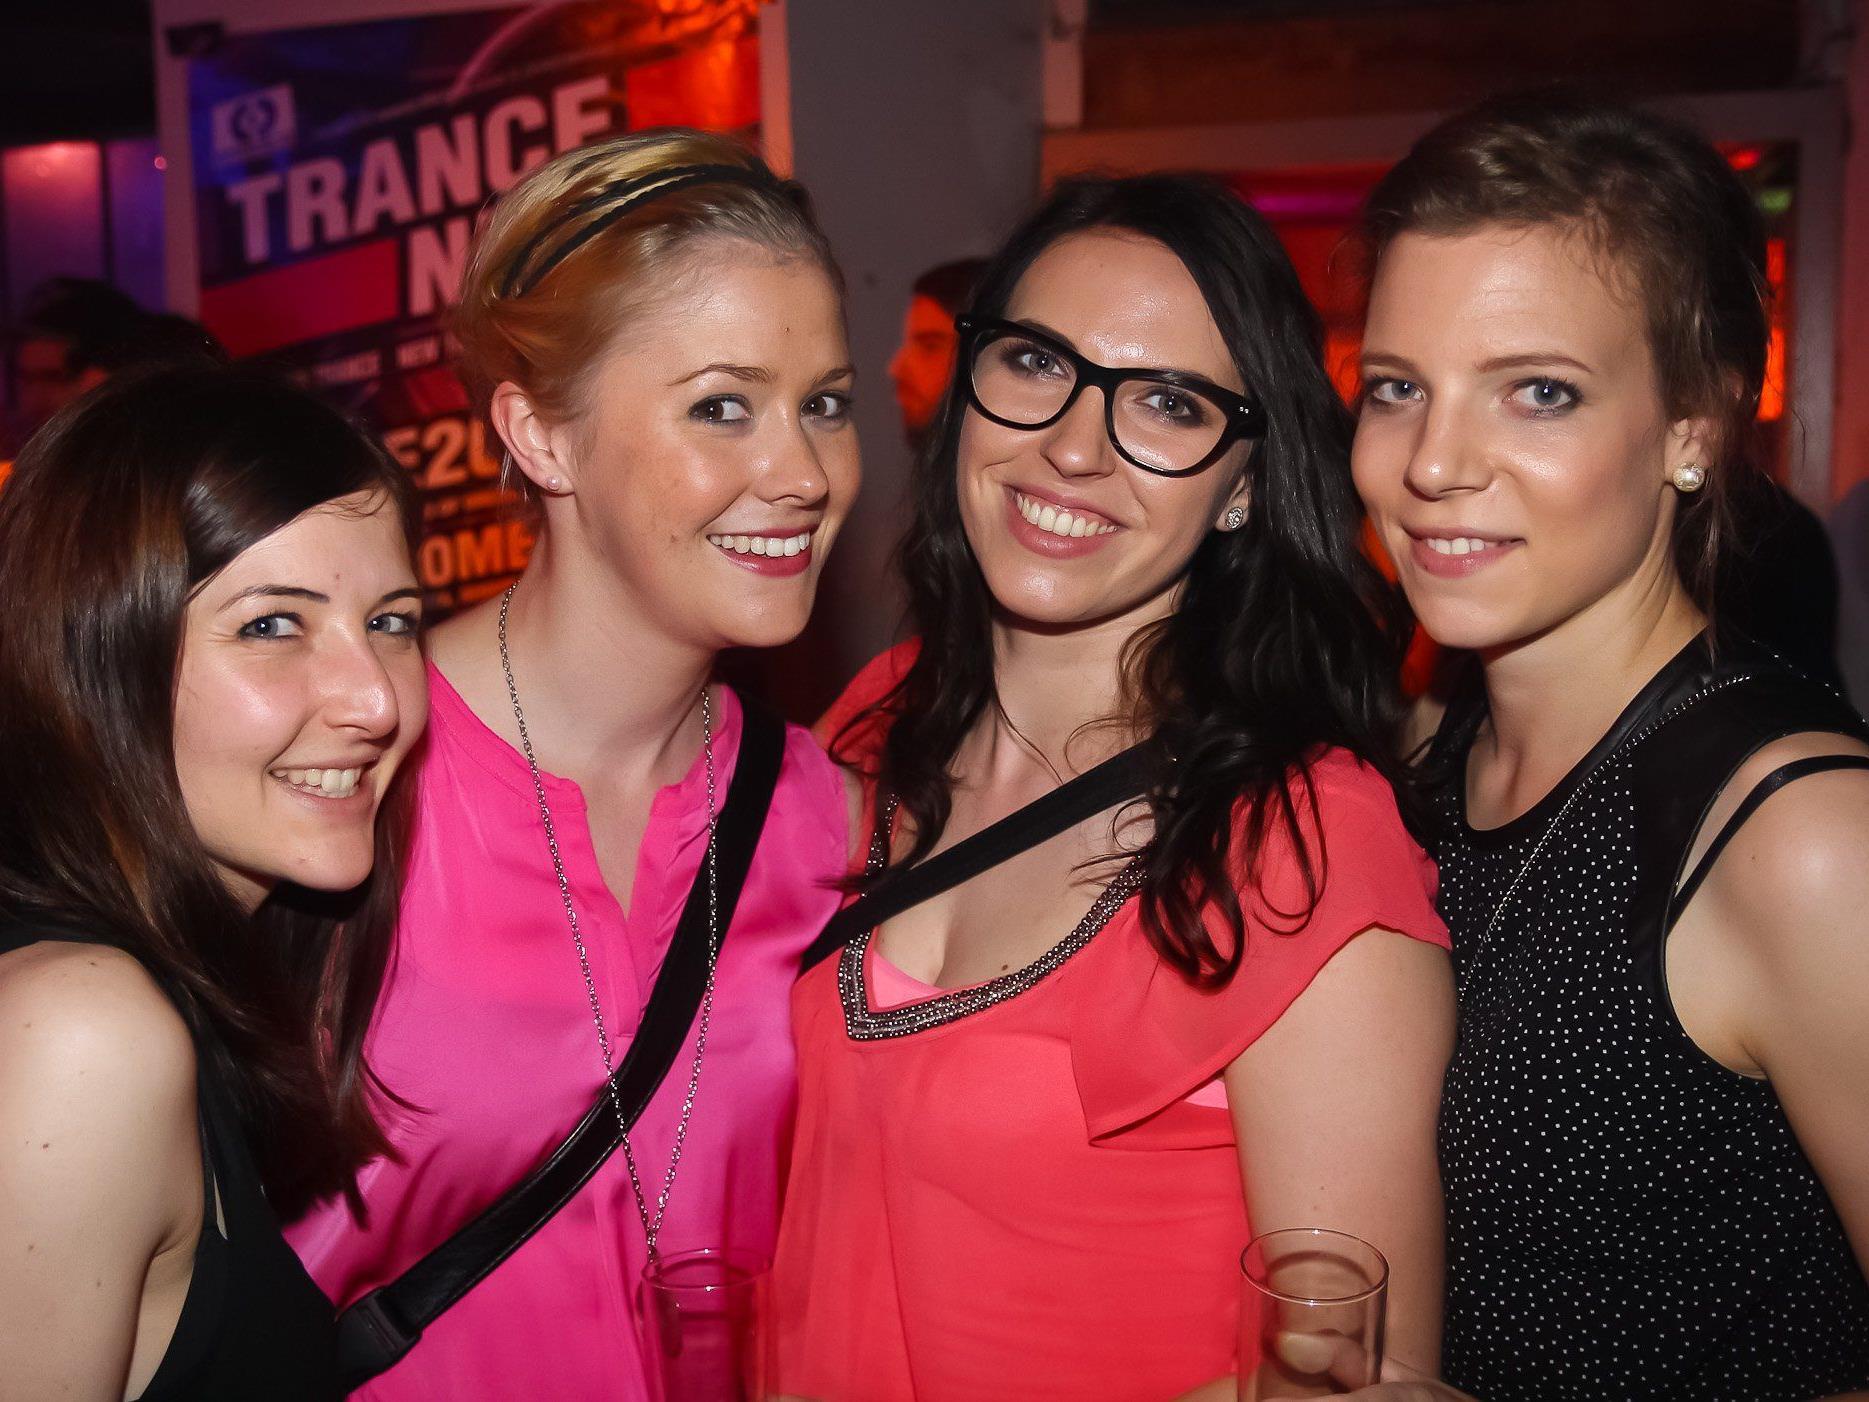 Steinebach-Clubbing am Freitag: VOL.AT verlost Tickets!